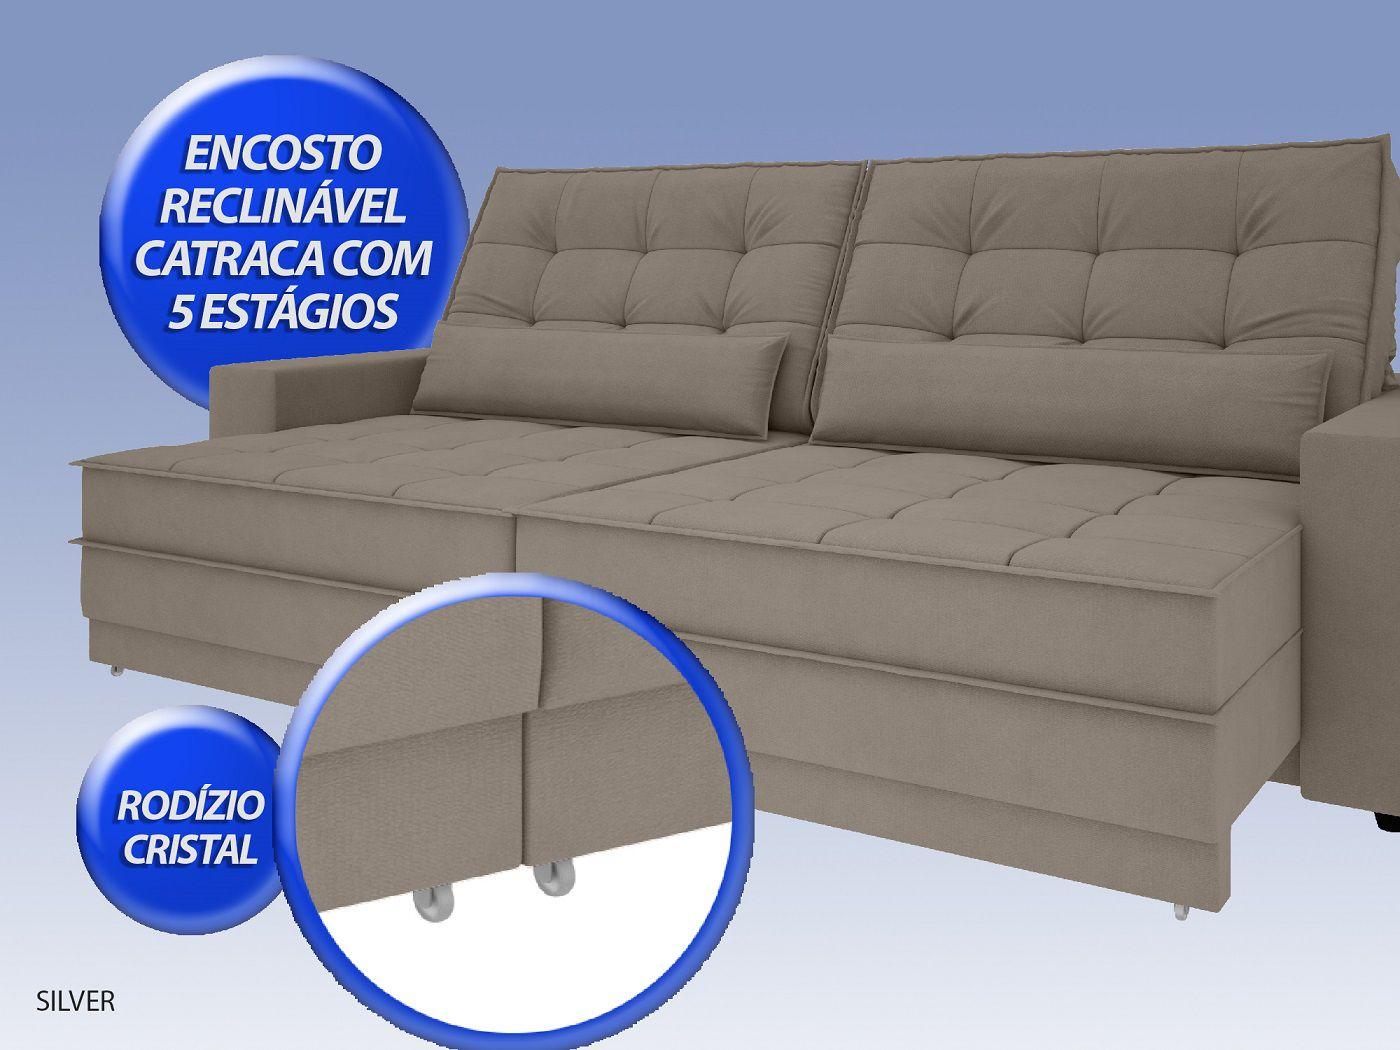 Sofá Silver 2,60m Retrátil e Reclinável Velosuede Bege - NETSOFAS